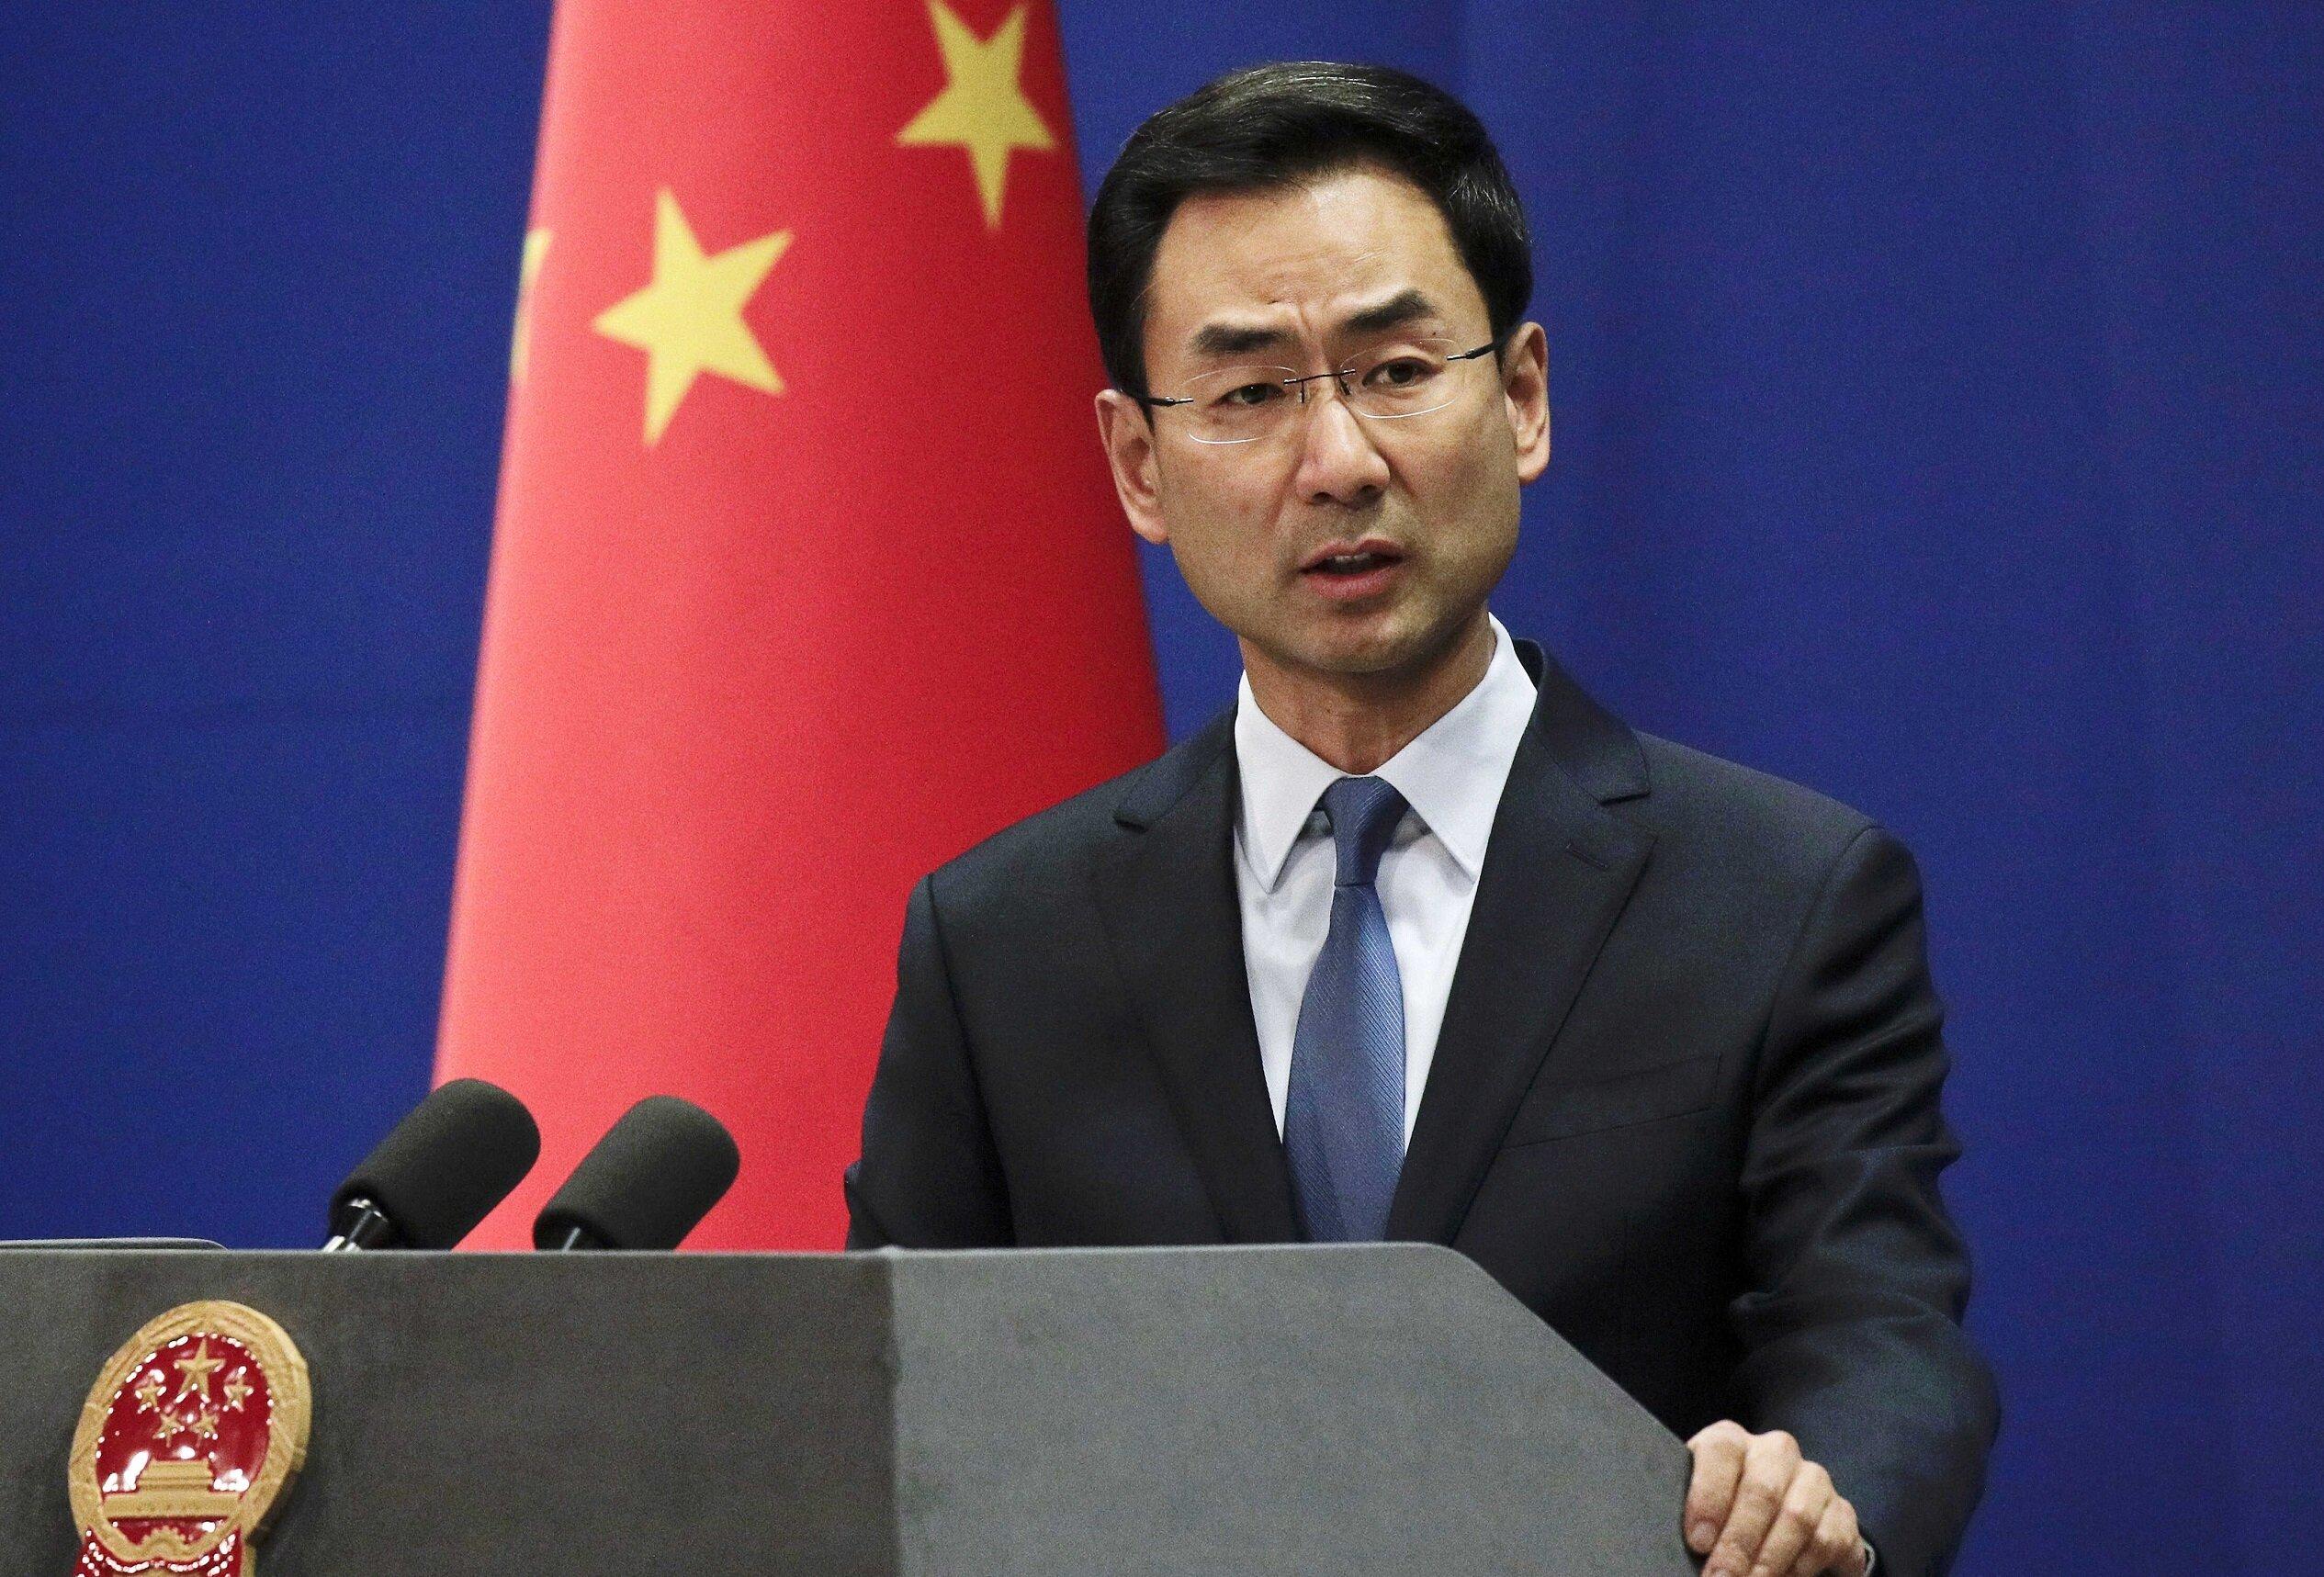 Çin'den ABD'ye koronavirüs tepkisi: Laboratuvarda üretildi iddiası ...